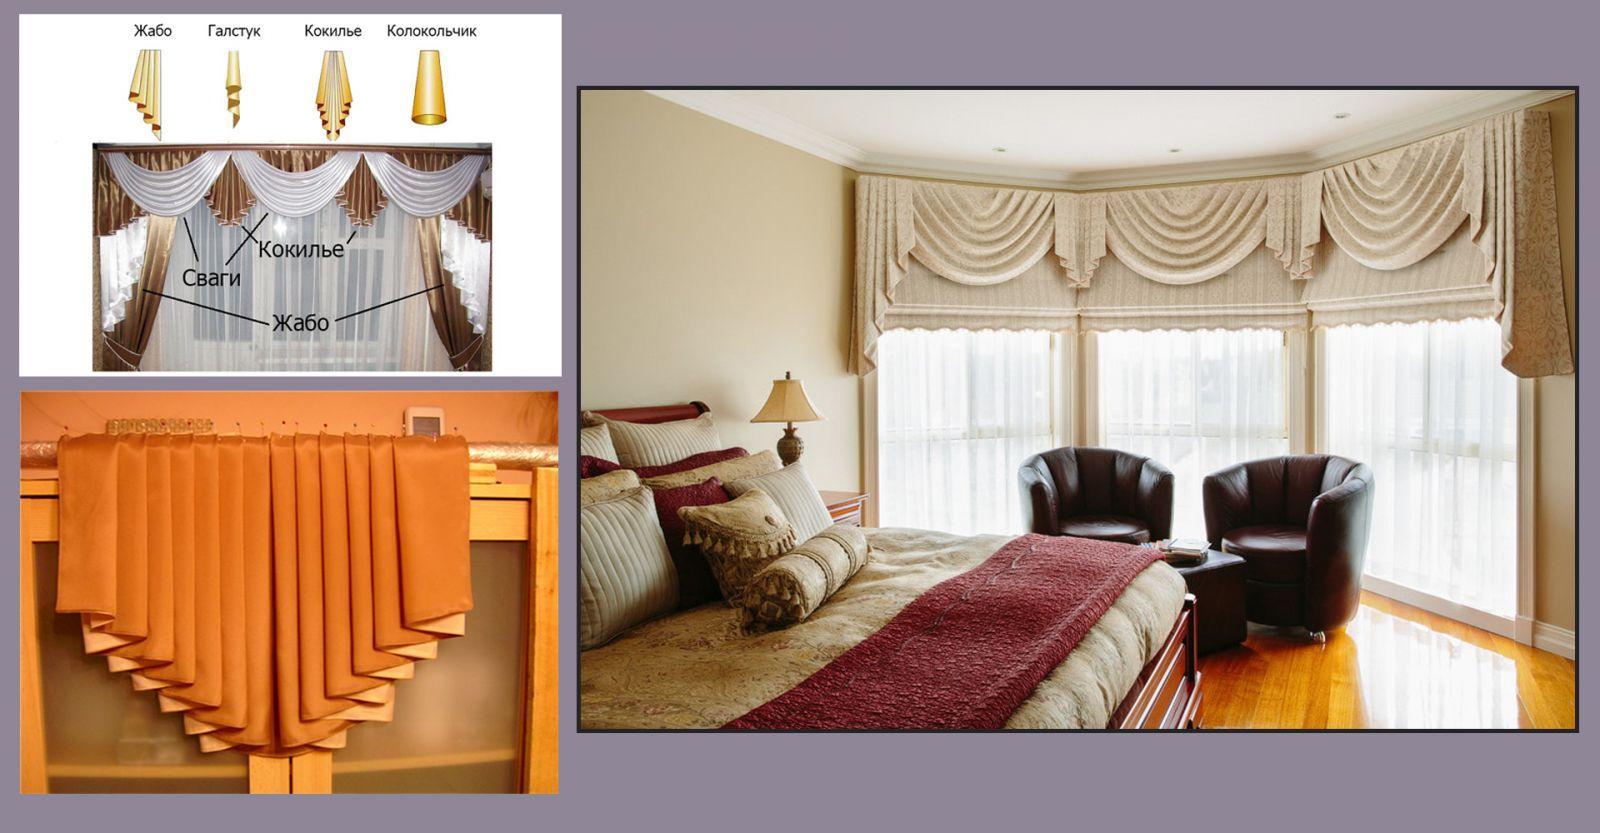 Ламбрекен с кокильё и свагами в дизайне спальни